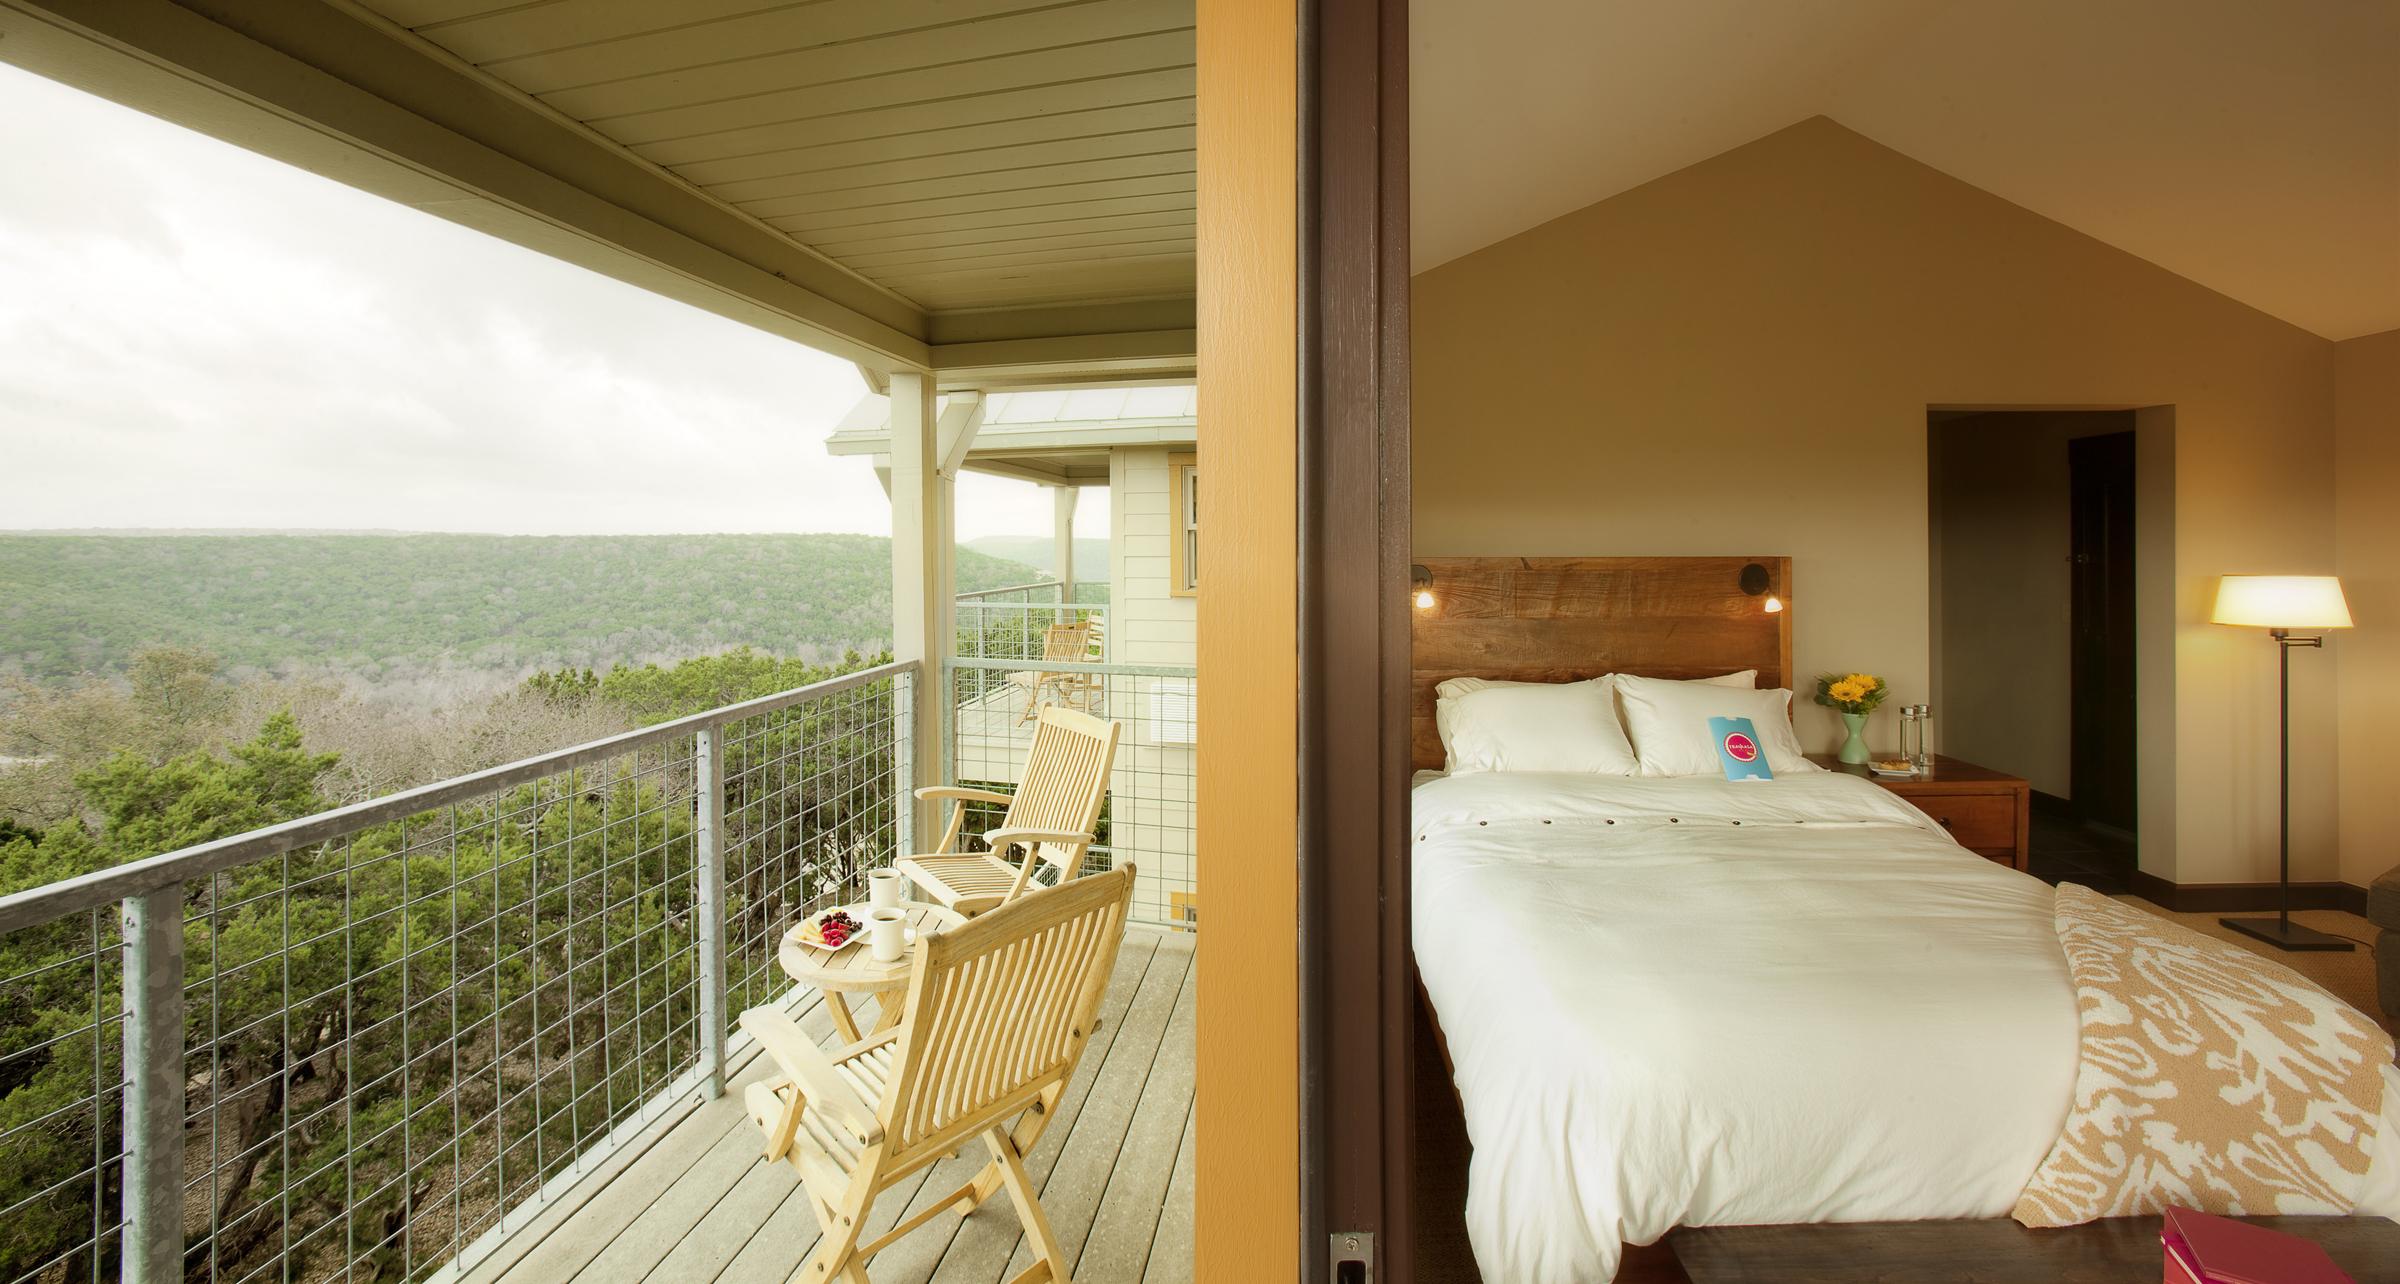 cc2011014 - Travaasa Austin